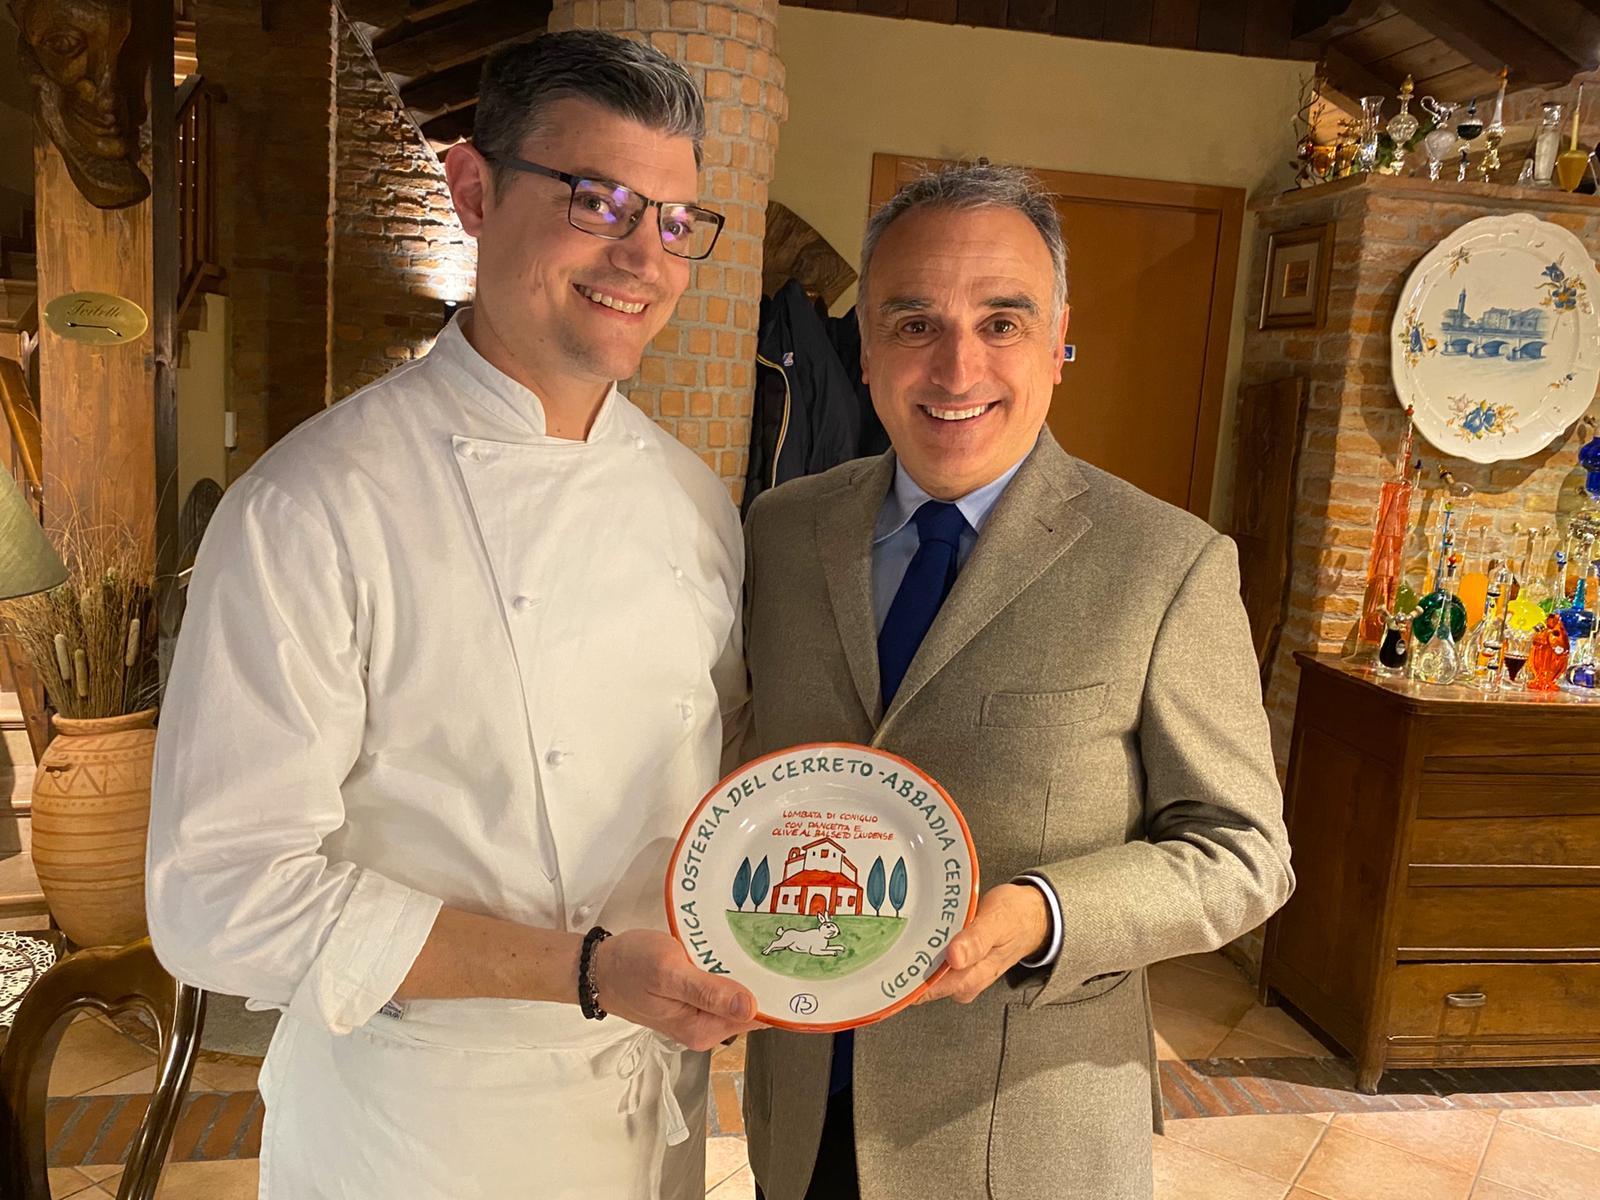 Il Prefetto di Lodi Dott. Marcello Cardona con il patron dell'Antica Osteria del Cerreto Strefano Scolari